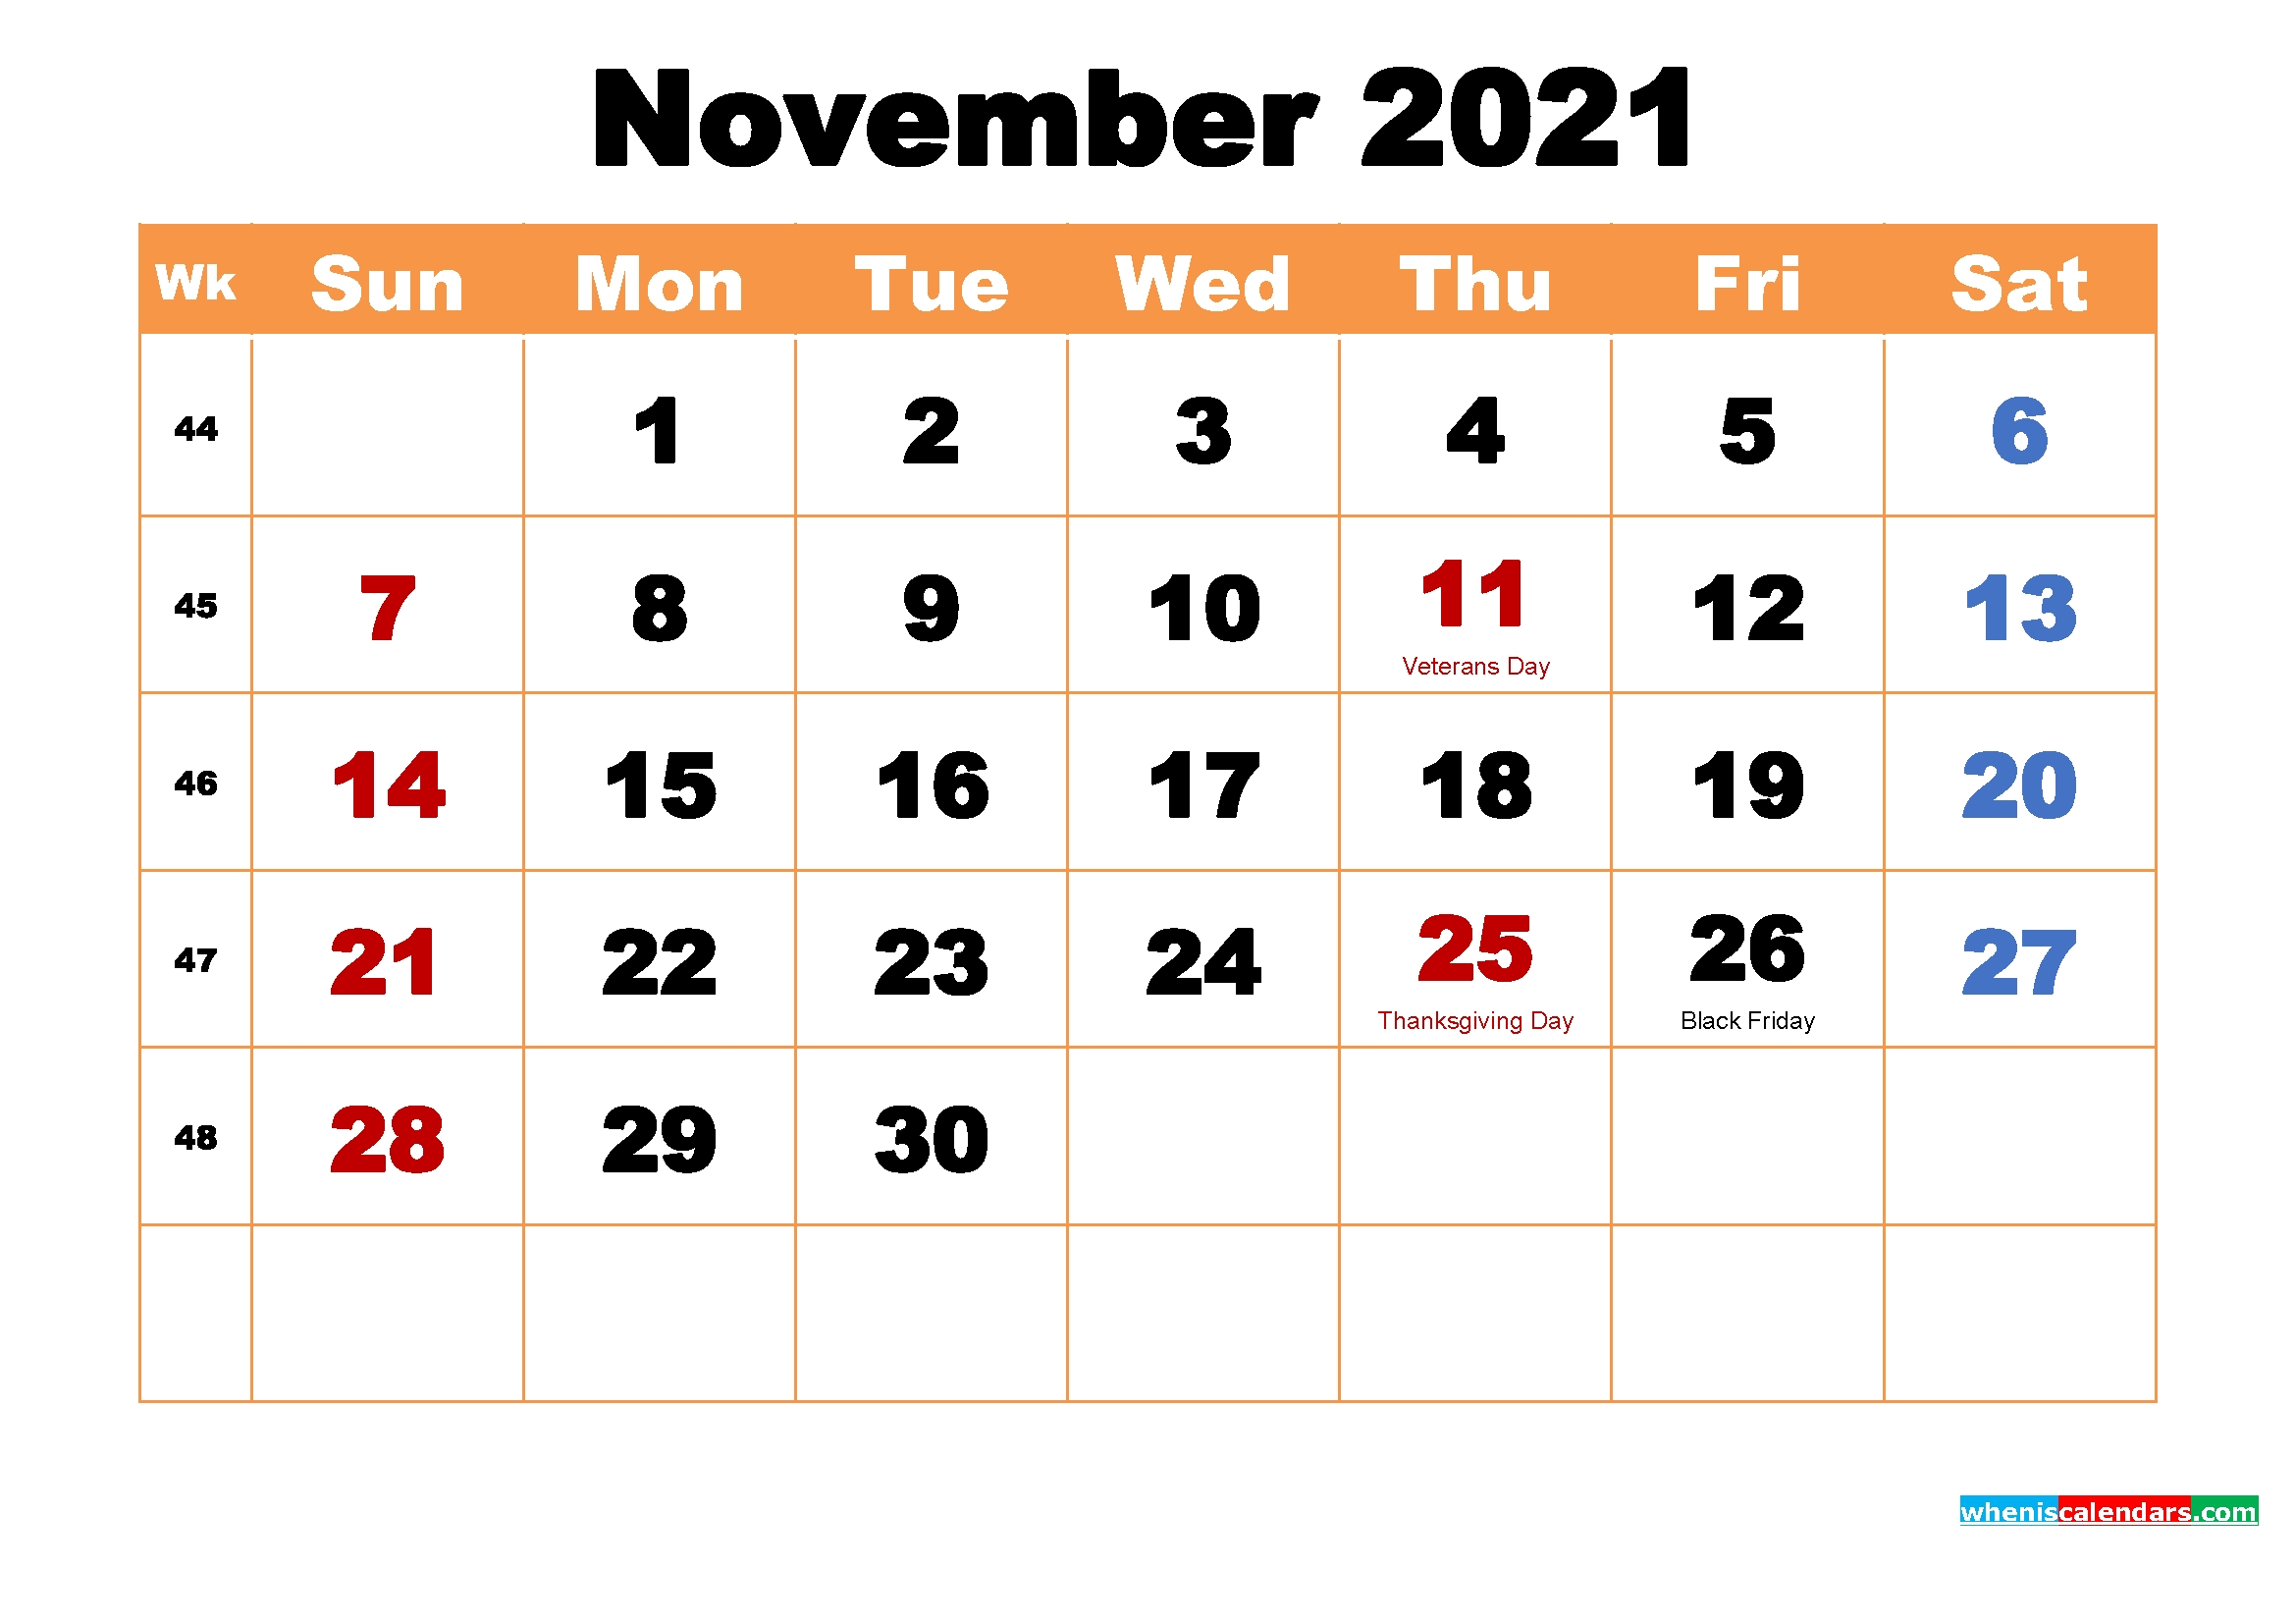 November 2021 Calendar Wallpaper   Lunar Calendar September October November 2021 Calendar